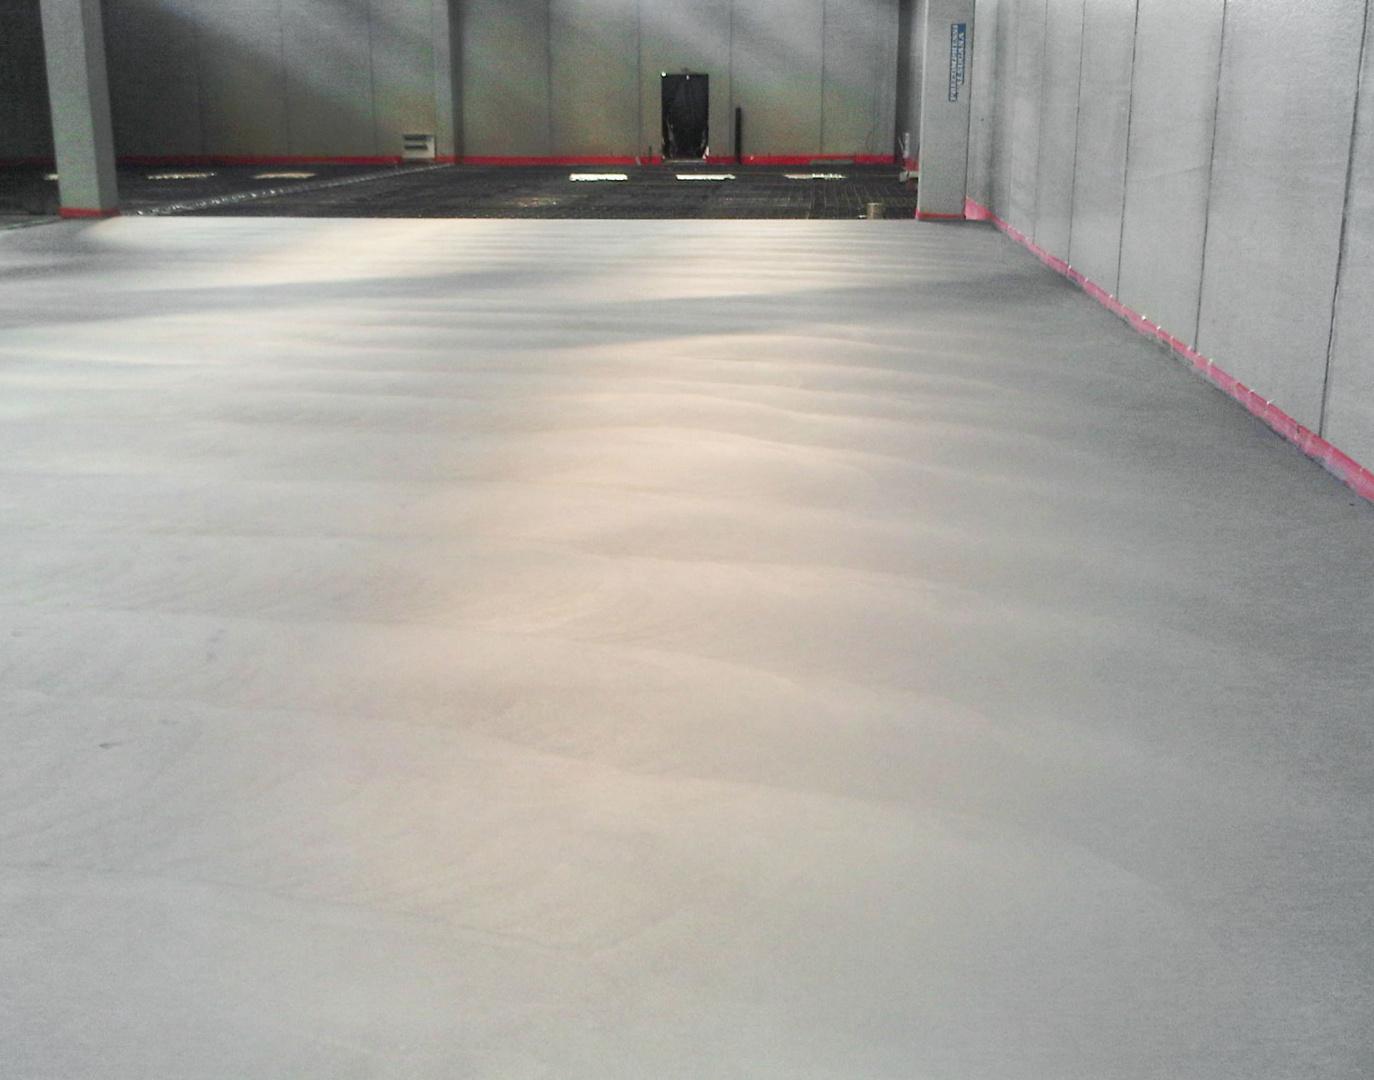 Piastrelle in cemento per esterno carrabili pavimenti per esterni